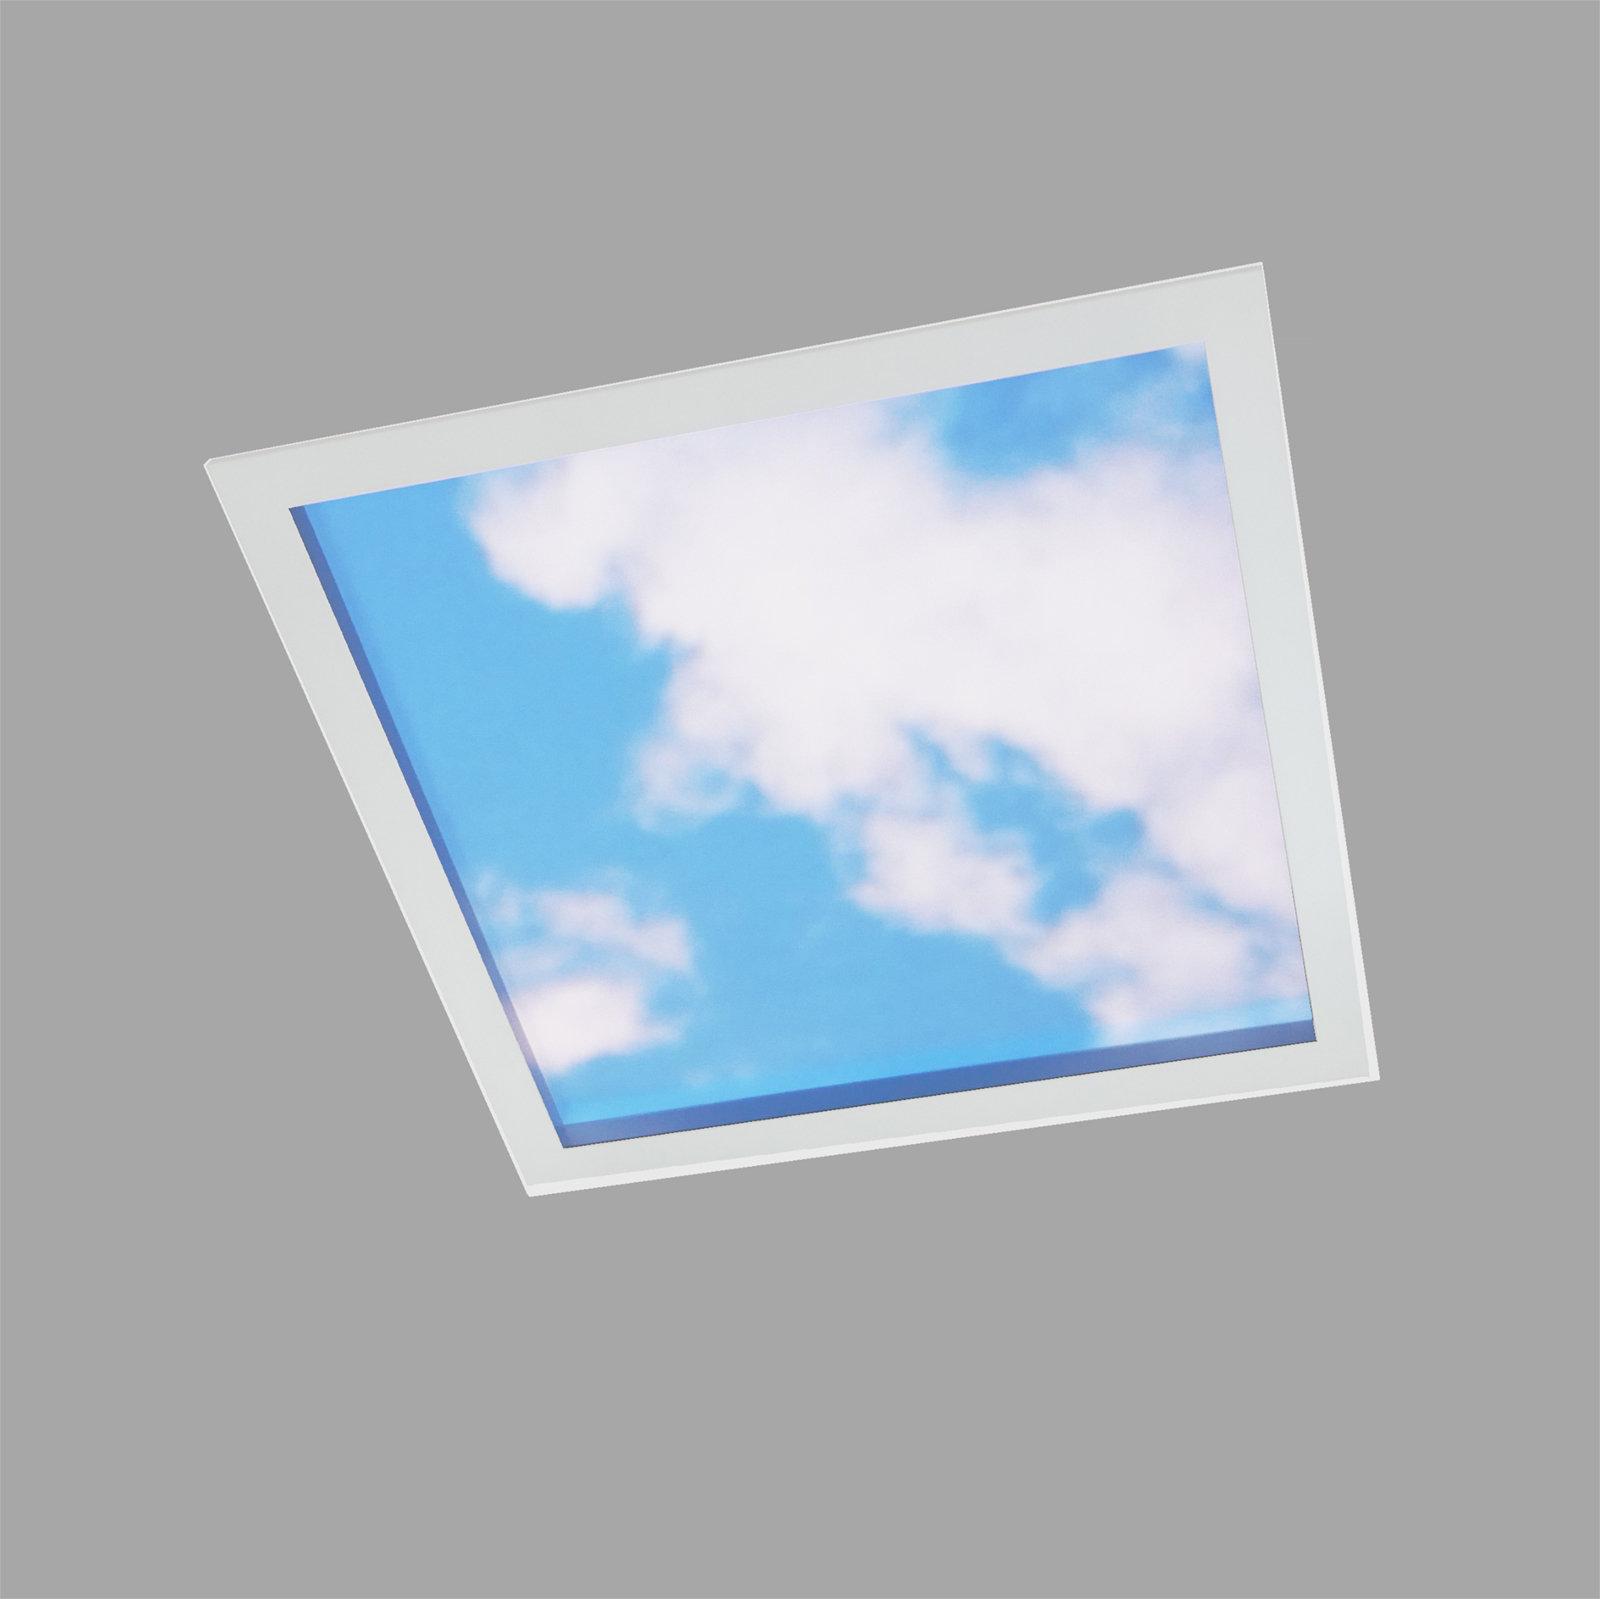 """閉鎖空間に""""天窓""""再現 青空に雲が流れ……パナソニック「天窓Vision」発売"""